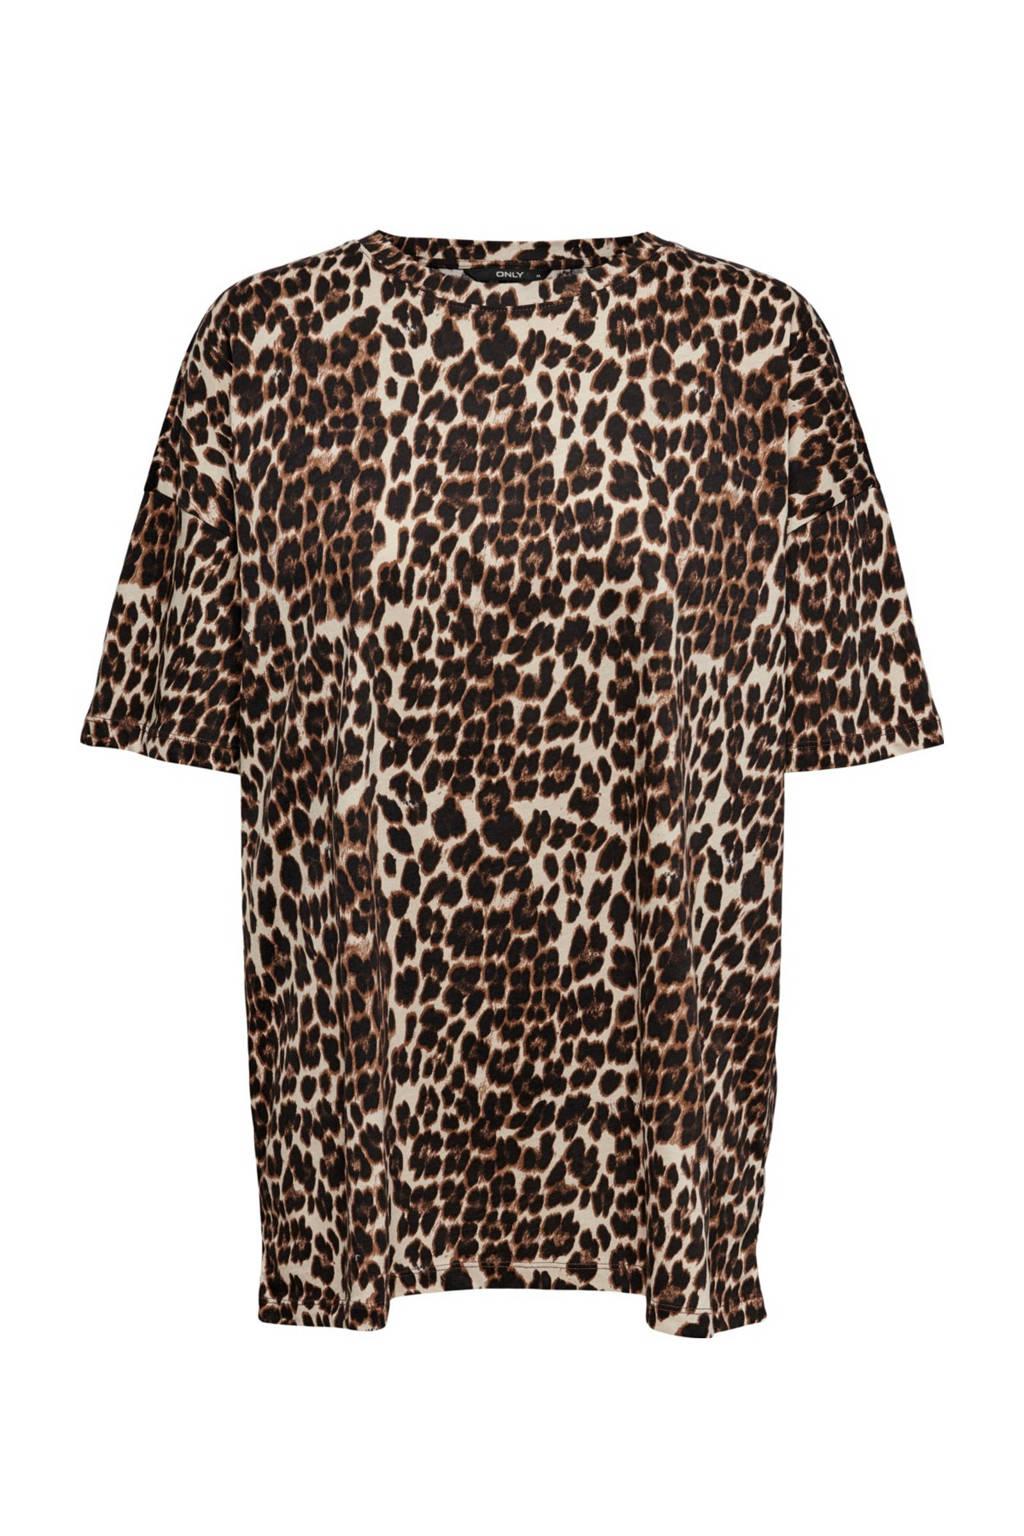 ONLY T-shirt ONLMAYA met panterprint bruin/zwart, Bruin/zwart